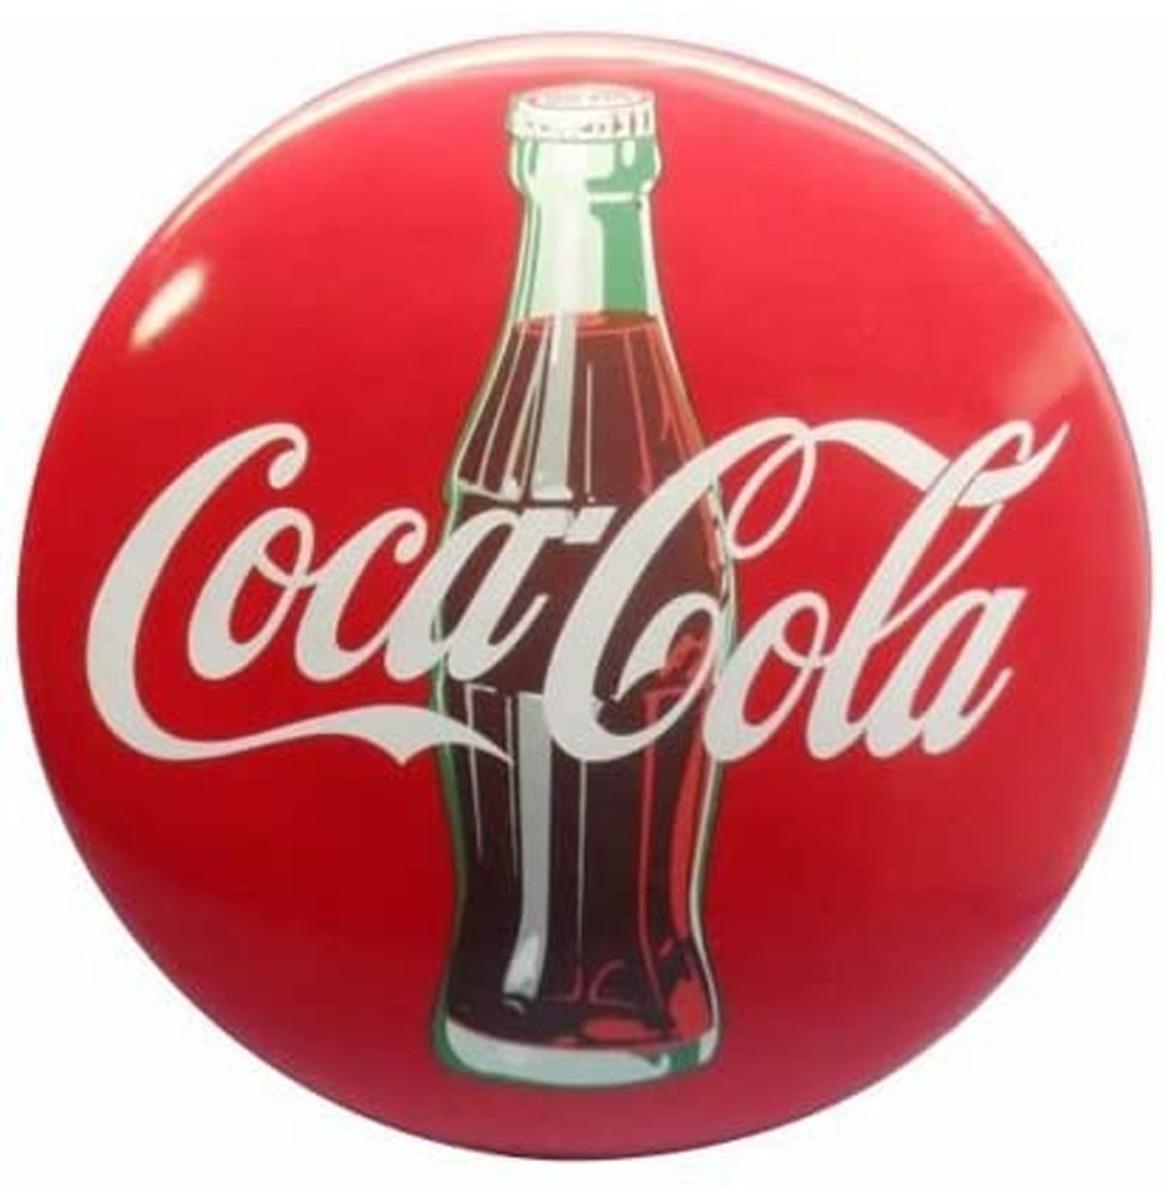 Coca-Cola Hars Contour Fles 3-D Button Bord